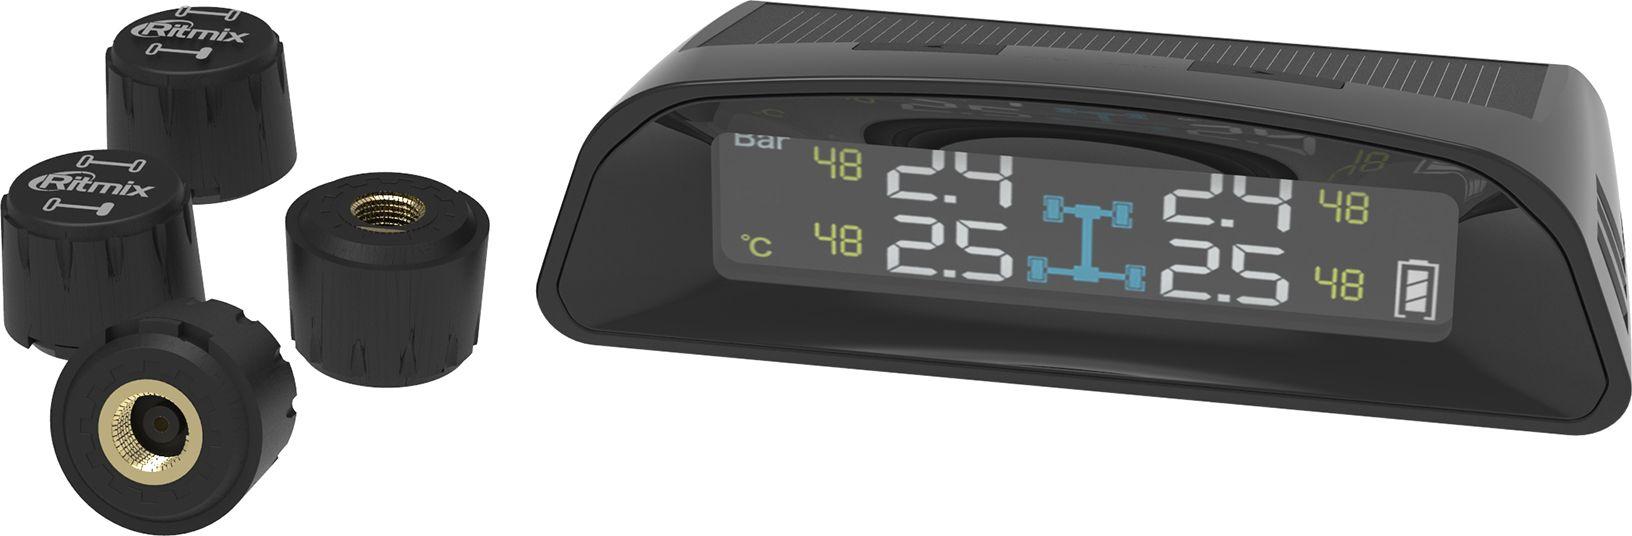 Ritmix RTM-400 датчик контроля давления15119305Система контроля давления в шинах - это настоящий автомобильный помощник! Ritmix RTM-400 поможет просто и без проблем проверить давление в шинах и температуру.Система контроля осуществляет автоматический мониторинг указанных параметров. Для того, чтобы не упустить ничего важного, в ряде случаев (в частности при резком изменении хотя бы одного показателя) прибор издает звуковой сигнал. Мониторинг температуры/давления в шинах осуществляется в режиме реального времени. Беспроводная система контроля давления в шинах Ritmix RTM-400, контроль давления в шинах и термпературы, 4 датчика давления/температуры, панель с цветным дисплеем, вес датчика 7гр, силиконовый коврик